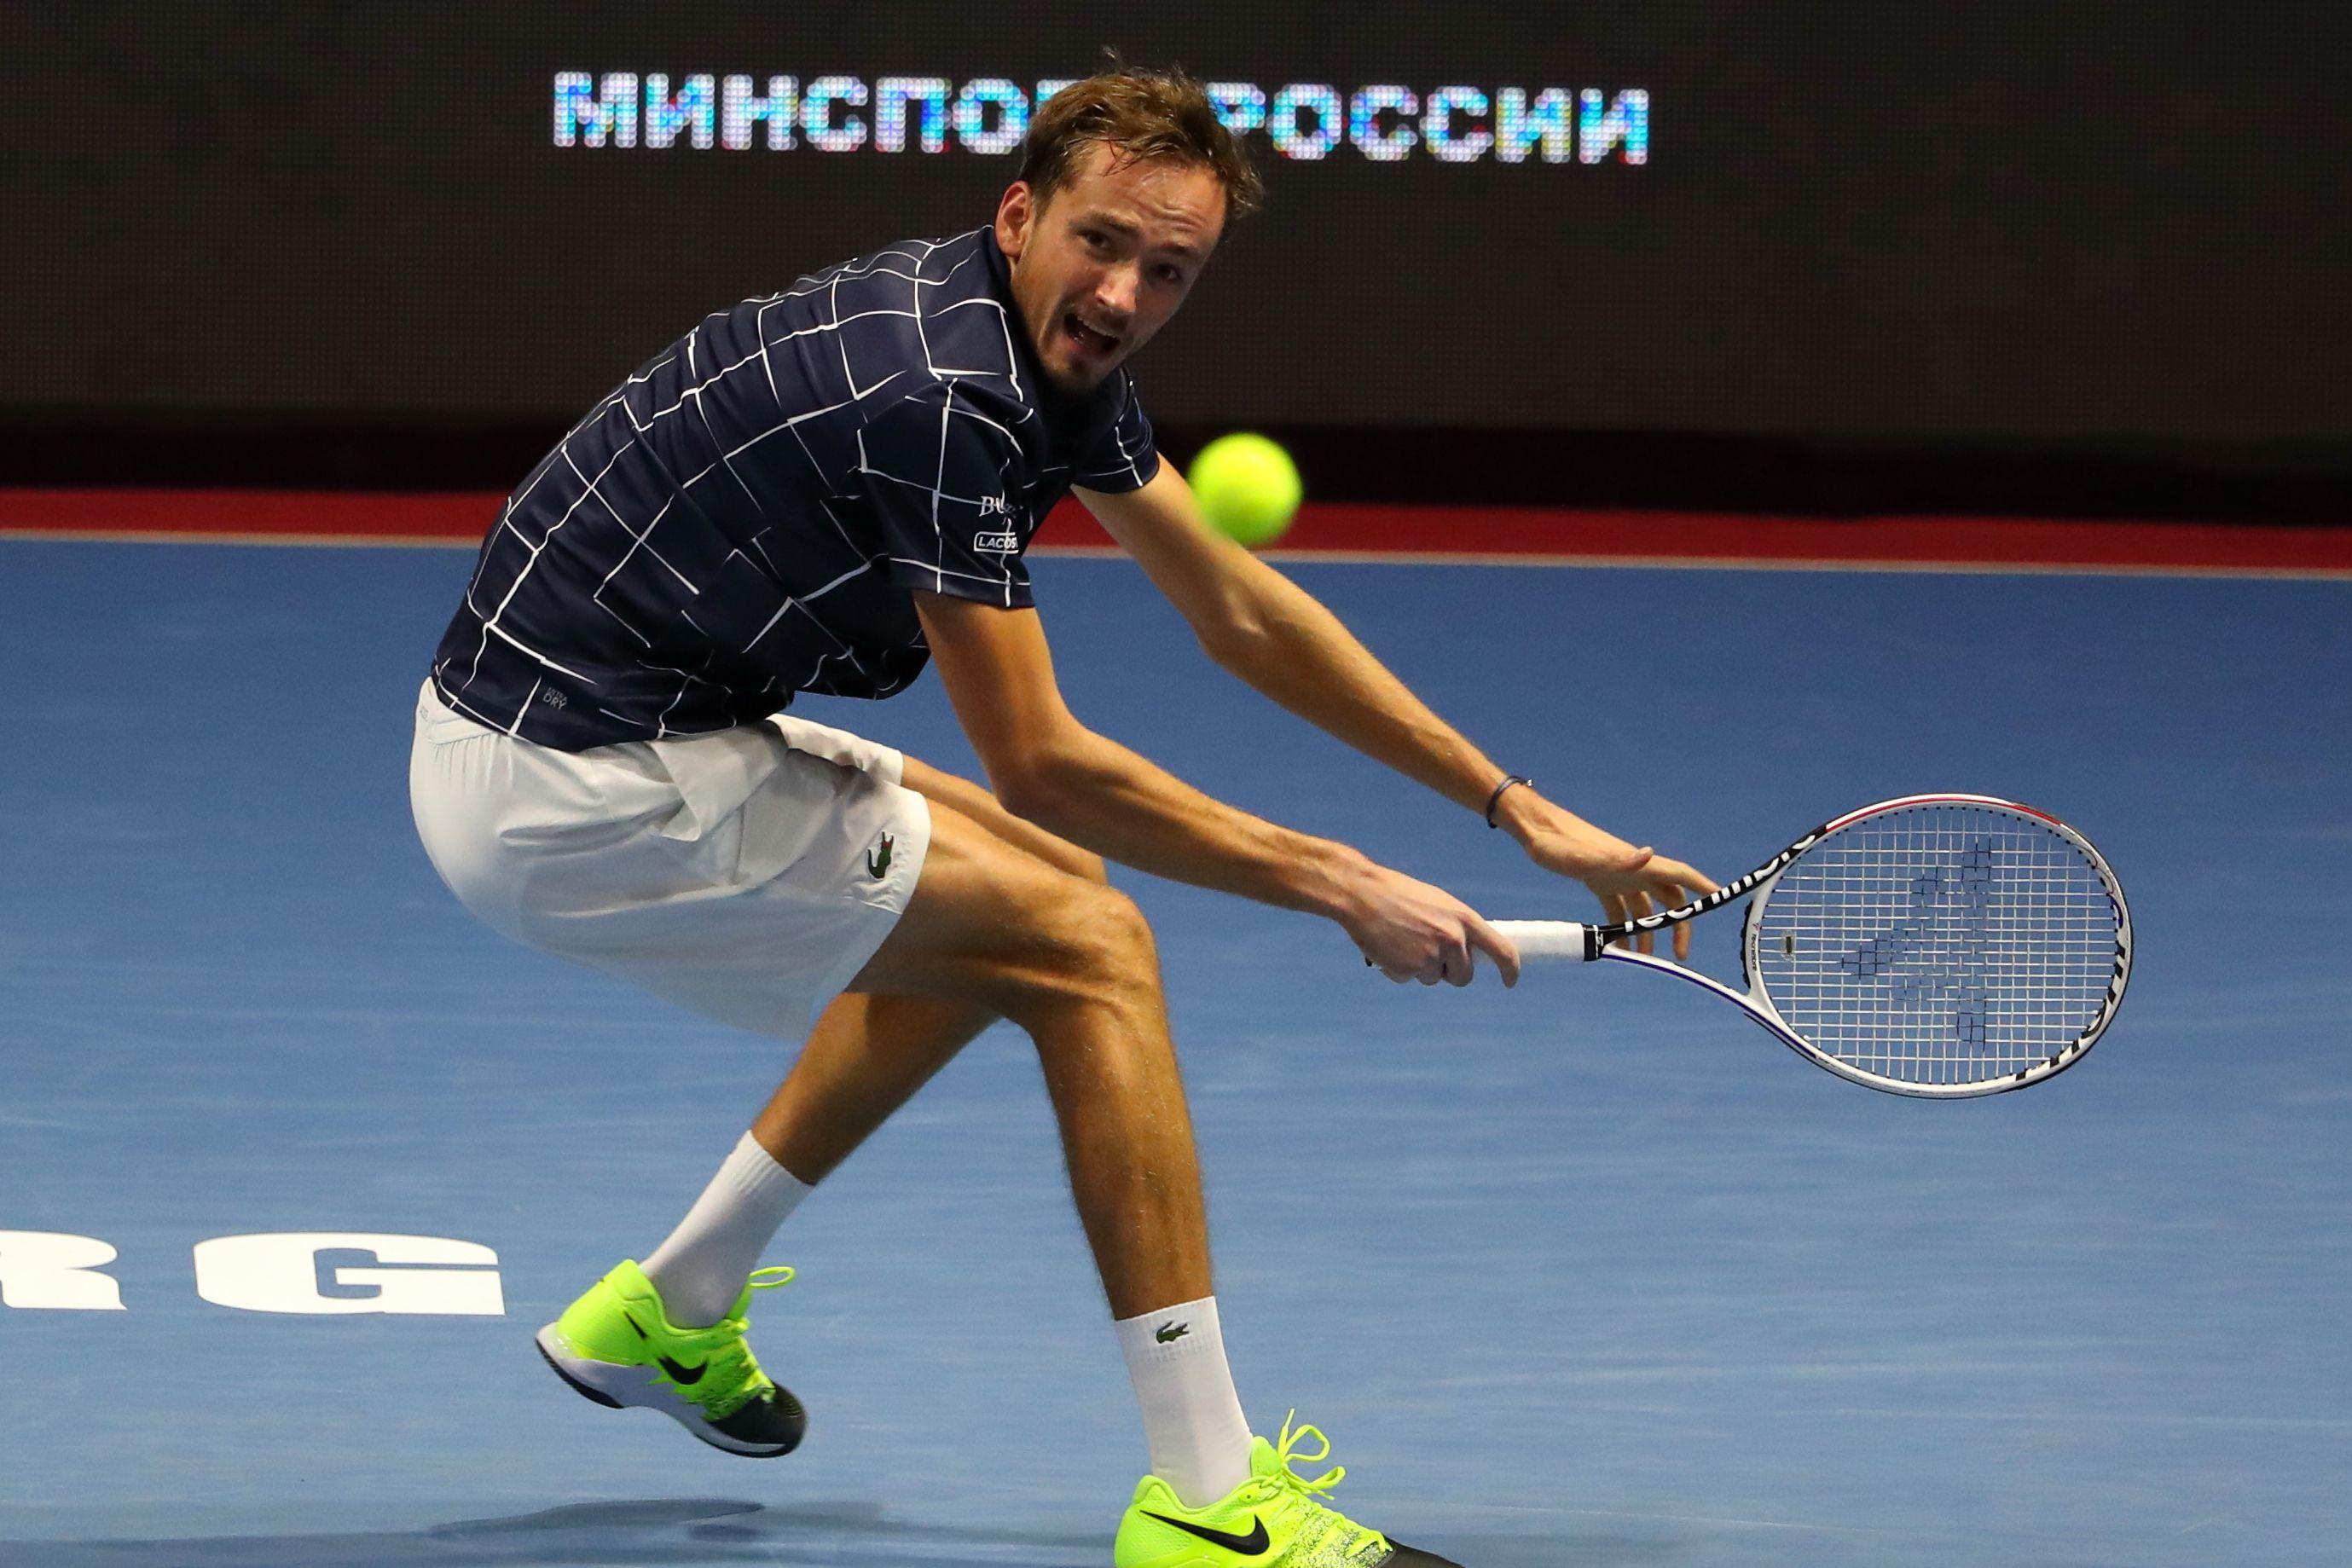 Медведев - второй в истории России теннисист, выигравший Итоговый чемпионат ATP